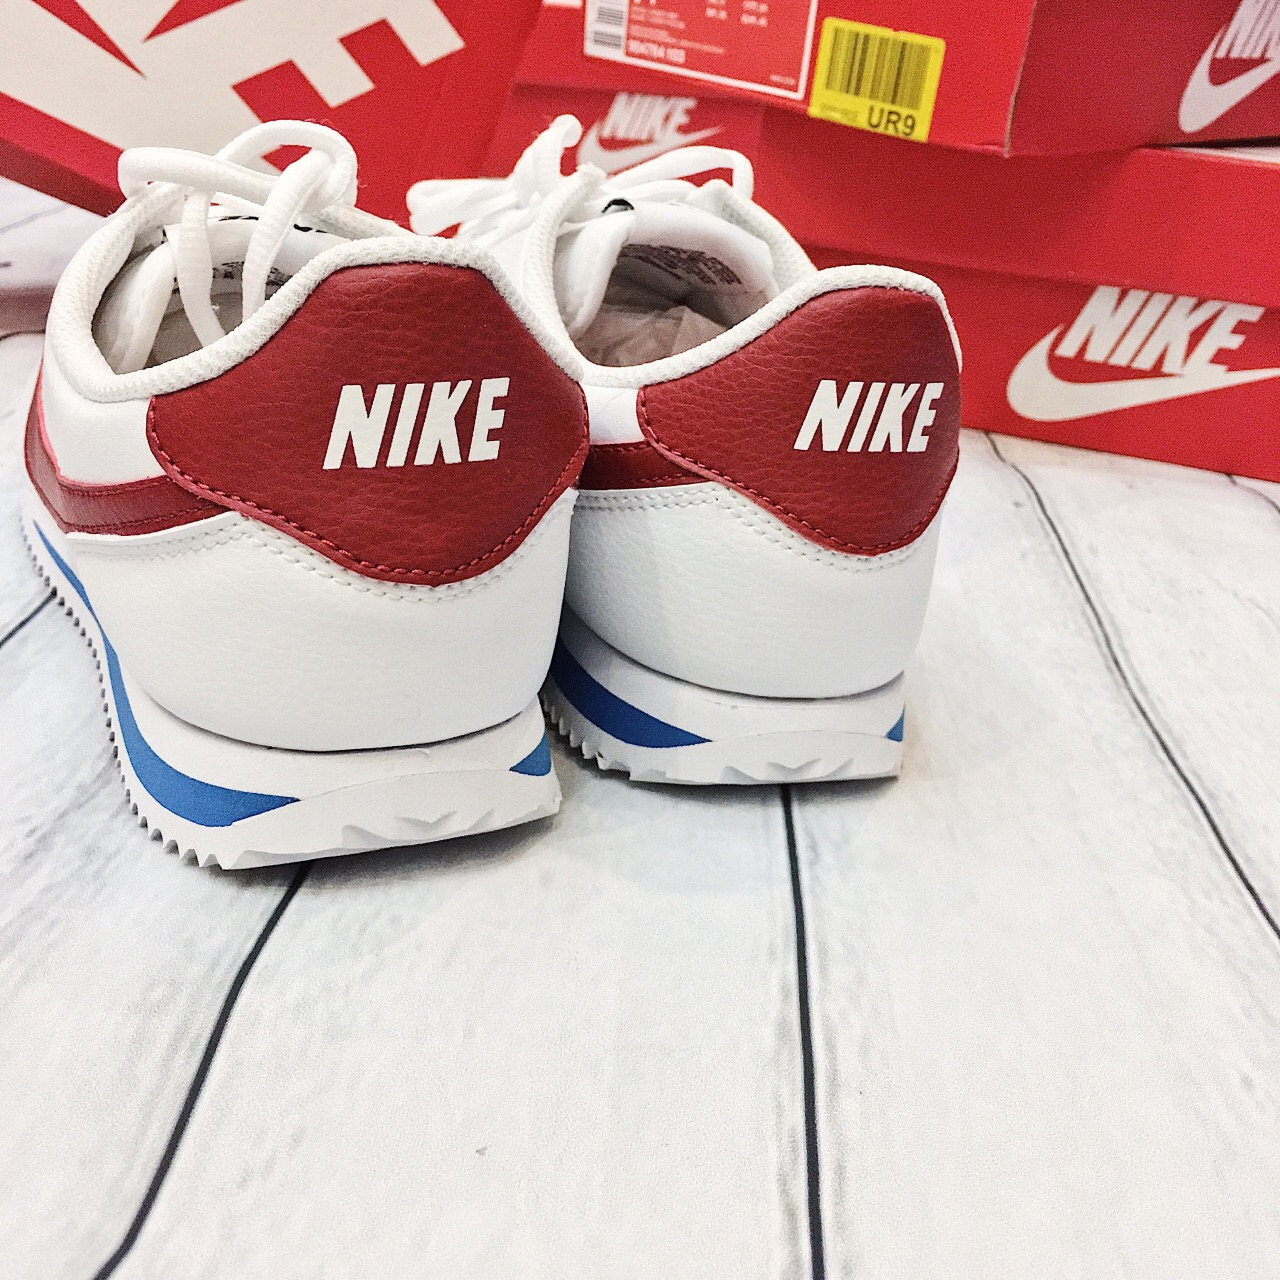 Hàng chính hãng Nike Cortez trắng đỏ